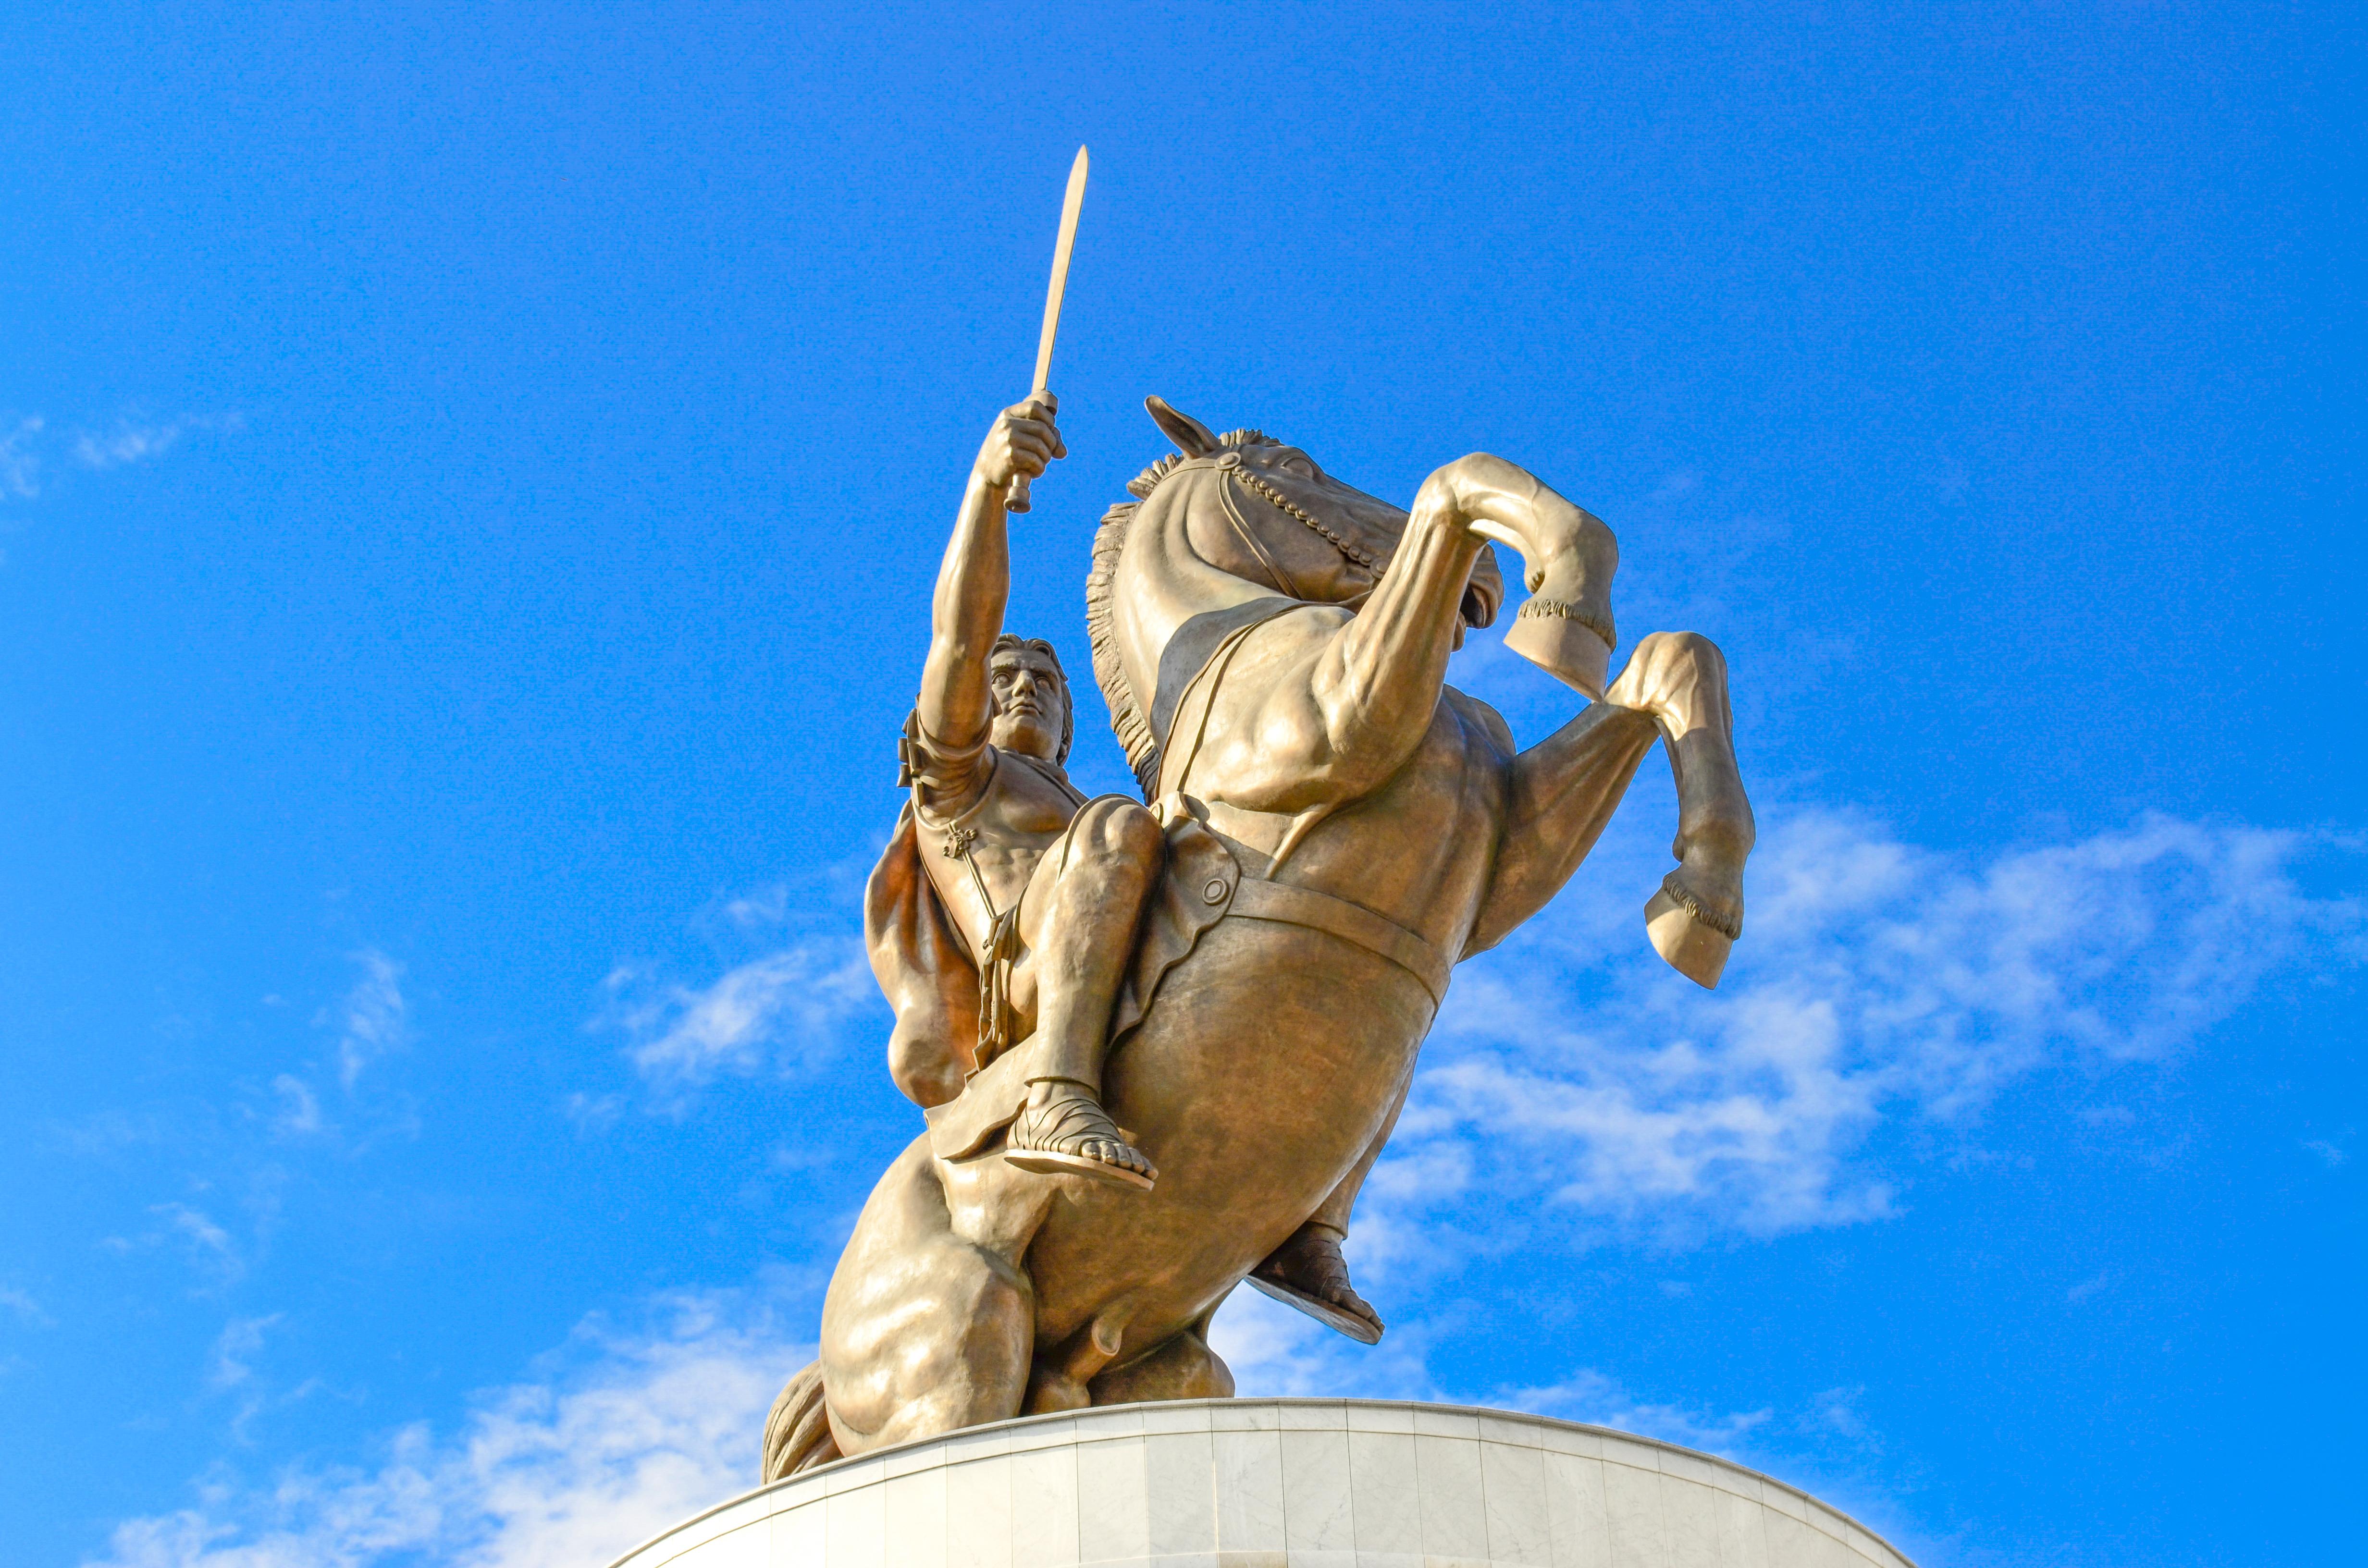 Екскурзия за празника Водици (Богоявление) до Охрид и Скопие! 1 нощувка със закуска и транспорт, възможност за посещение на Албания! - Снимка 2